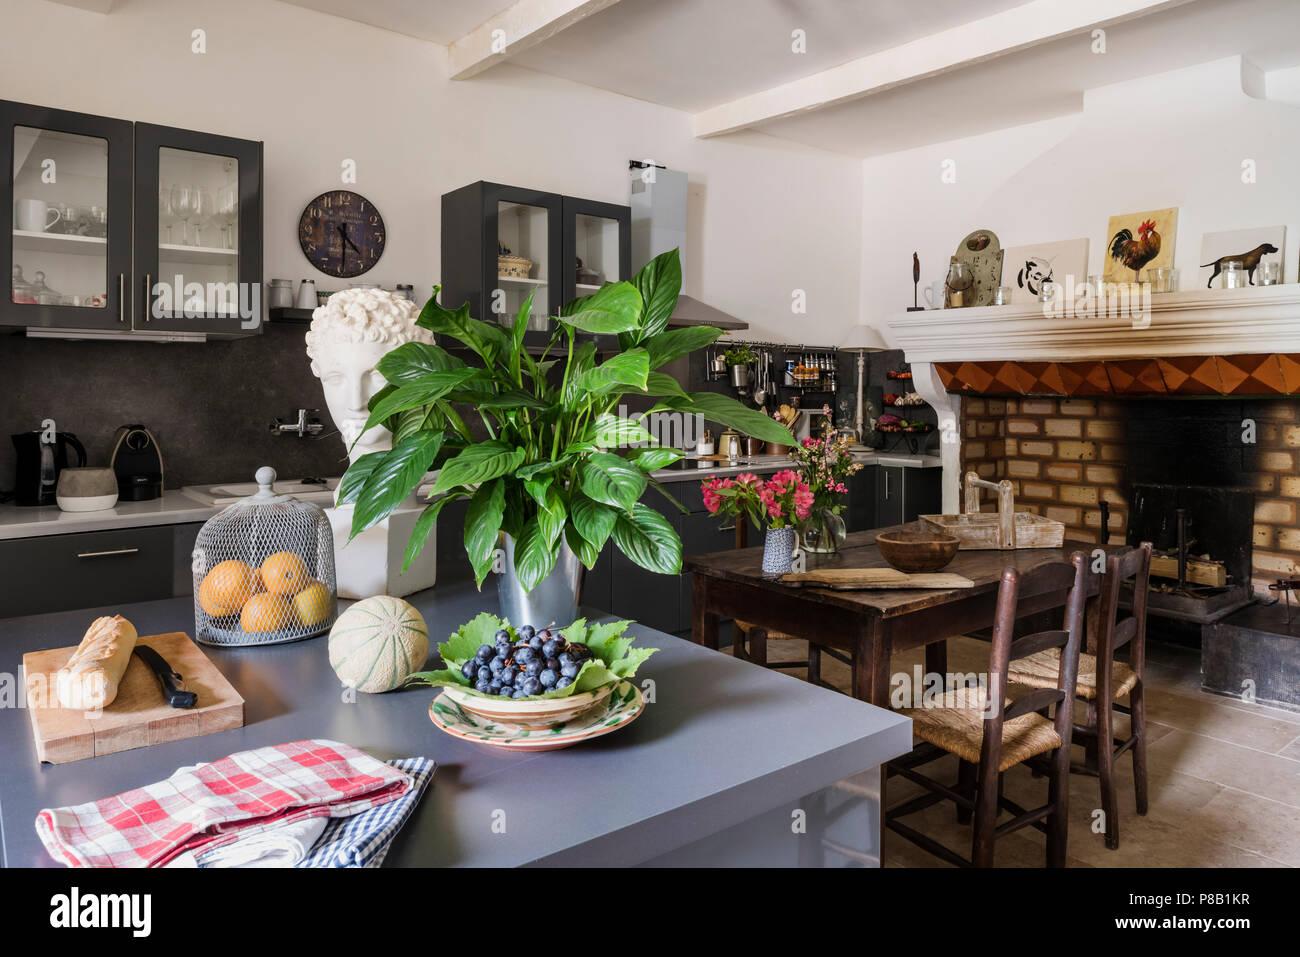 Moderne Küche und Kochinsel mit alten Kamin erhalten. 19 Tabelle und ...